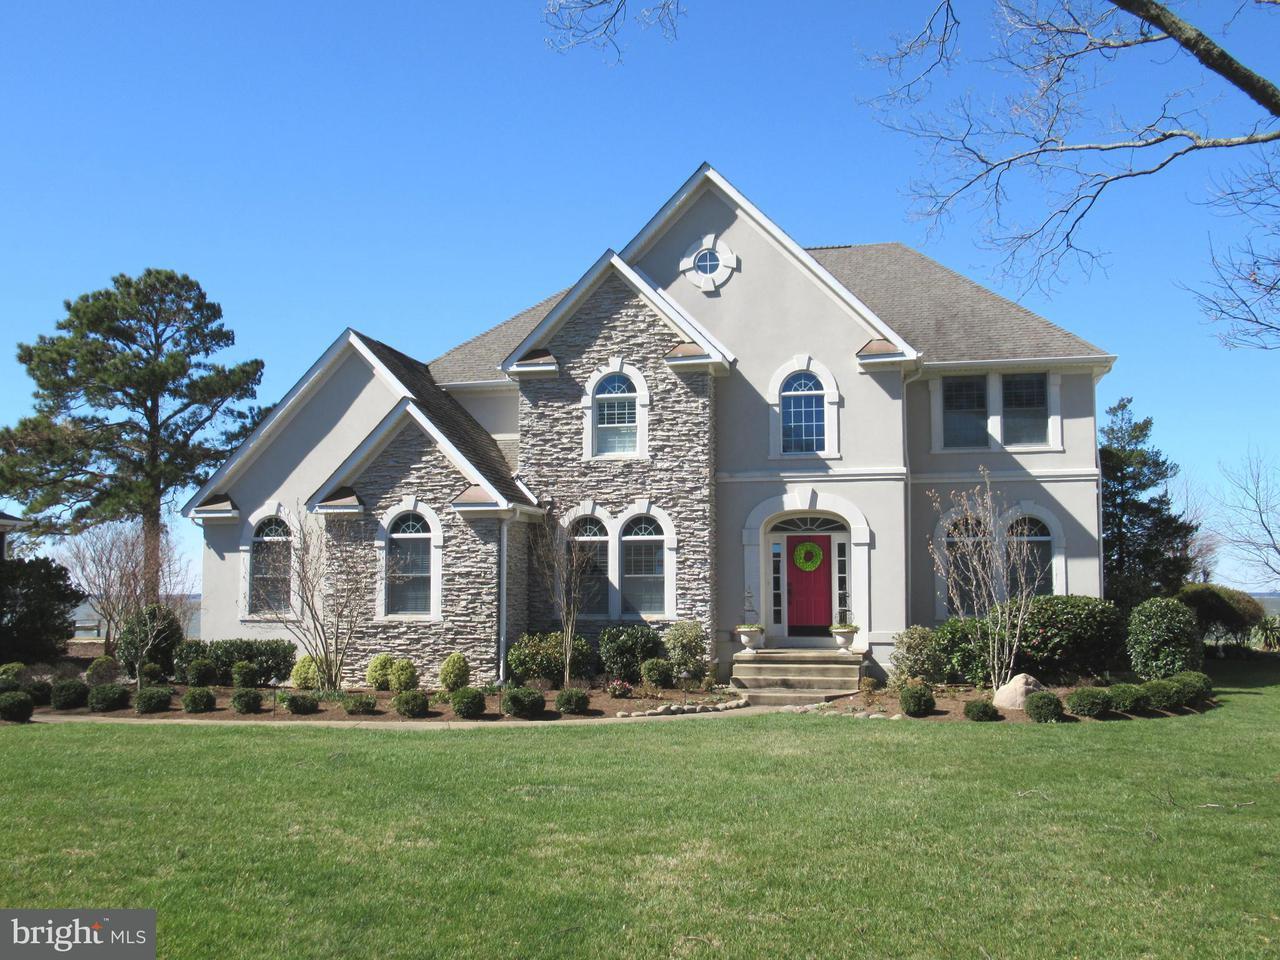 独户住宅 为 销售 在 11240 Keokee Court 11240 Keokee Court Swan Point, 马里兰州 20645 美国